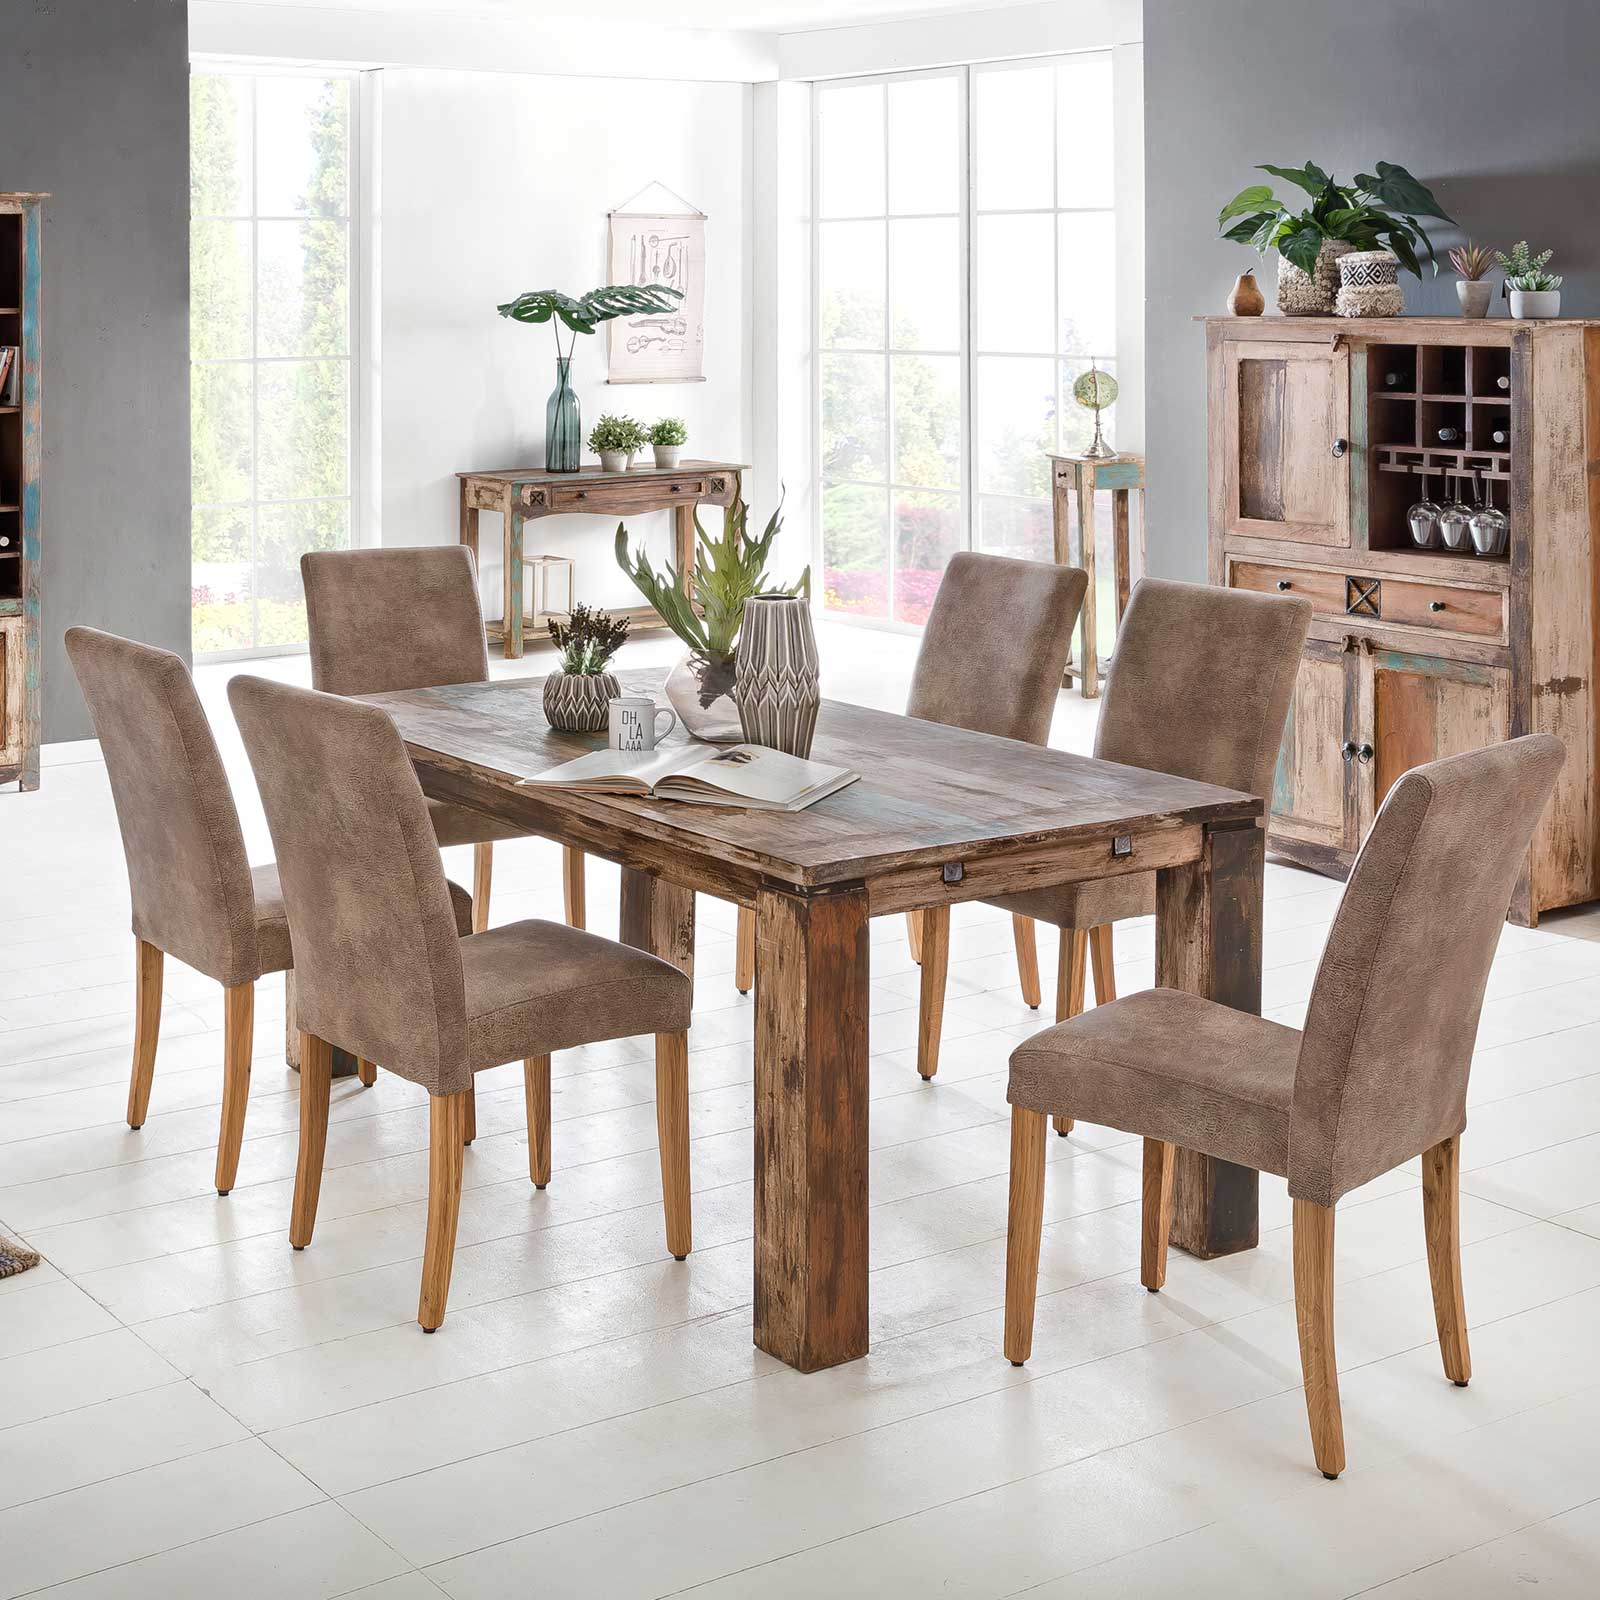 Esstisch largo 180 280 cm aus massivholz im vintage look for Esstisch 180